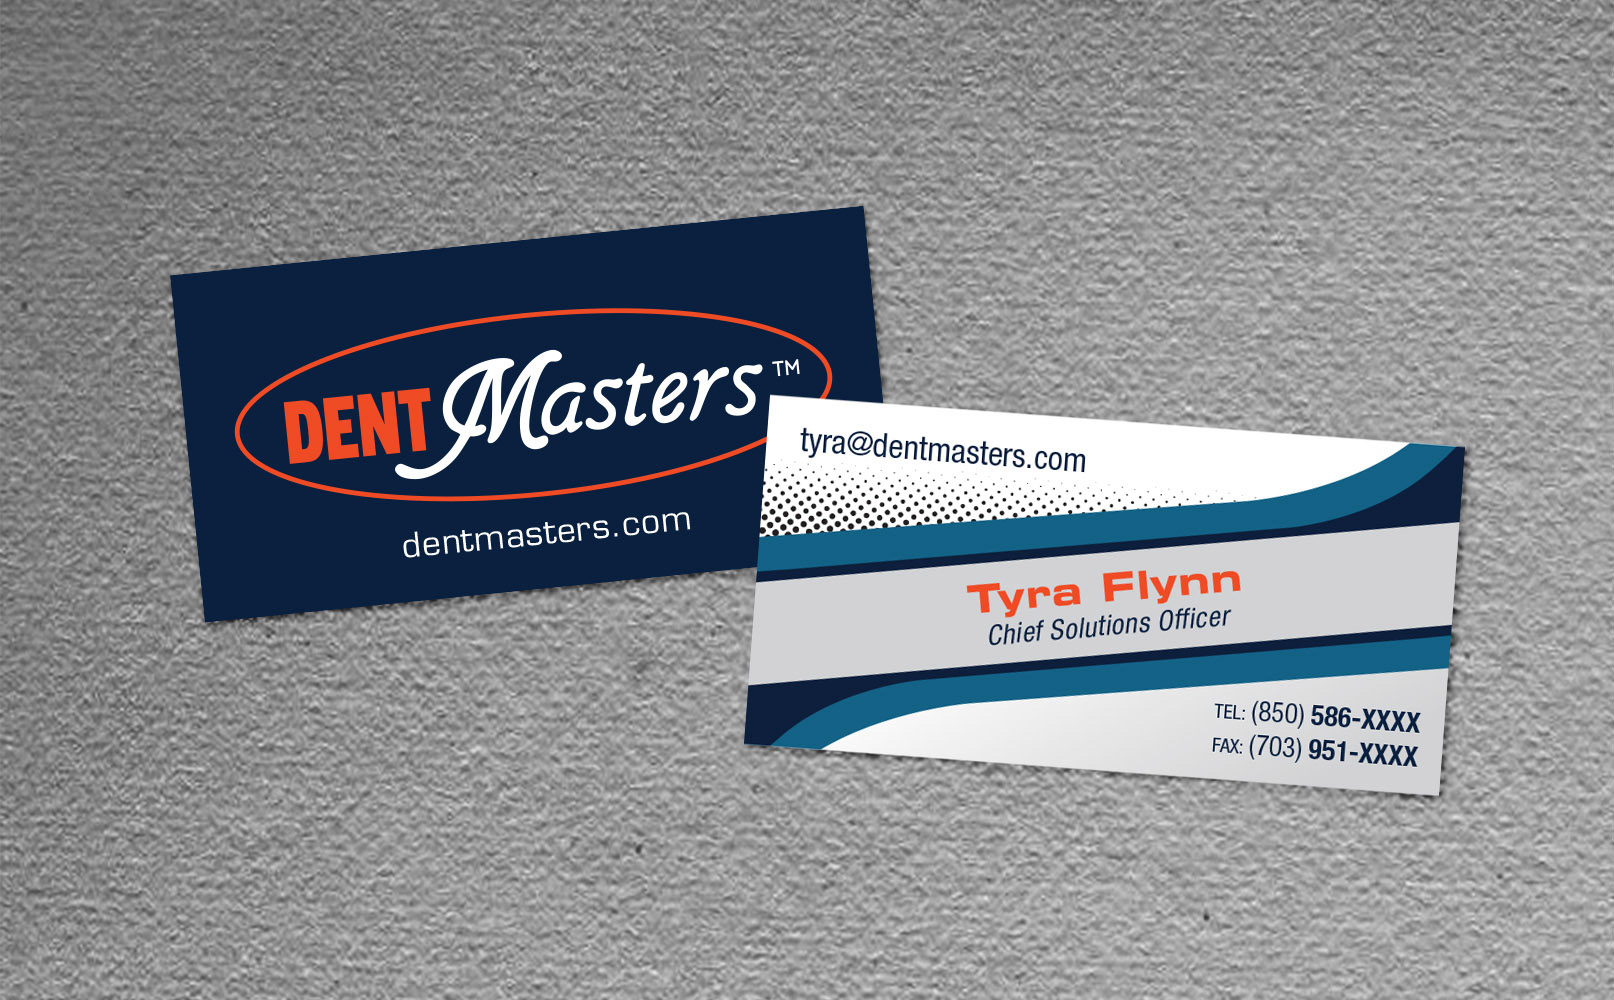 Beane Design - DENTMasters